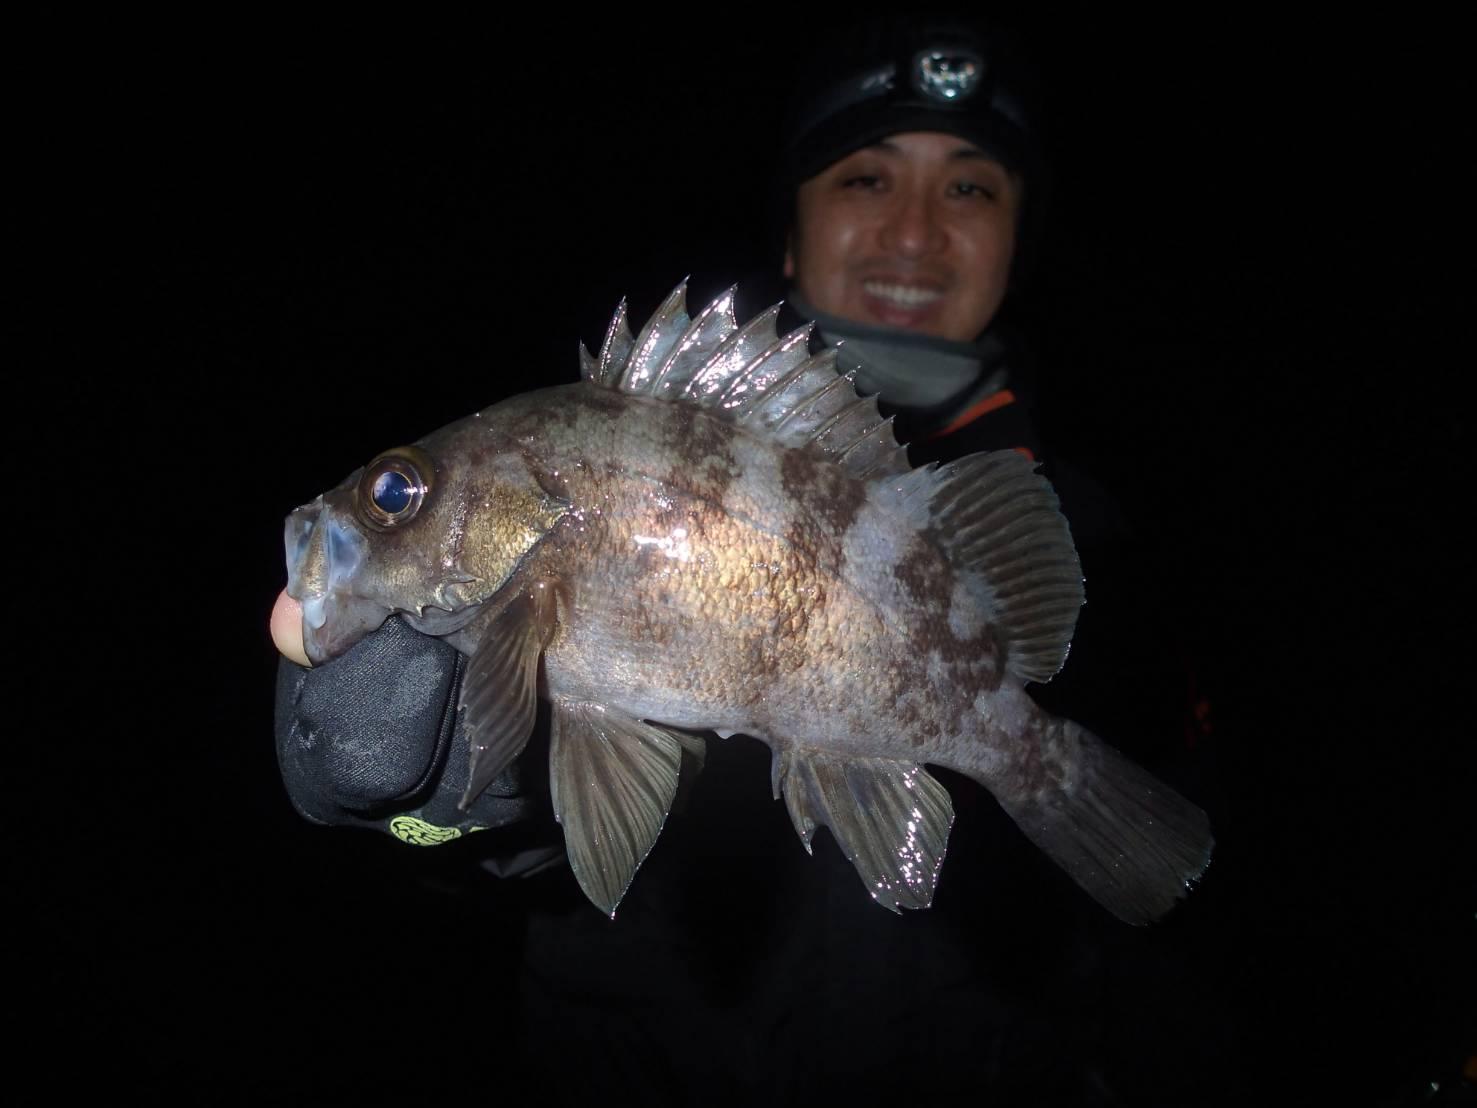 シュガーミノー50Sでヒット!!巻いても、止めても、流しても釣れる浜名湖万能ルアーです!!